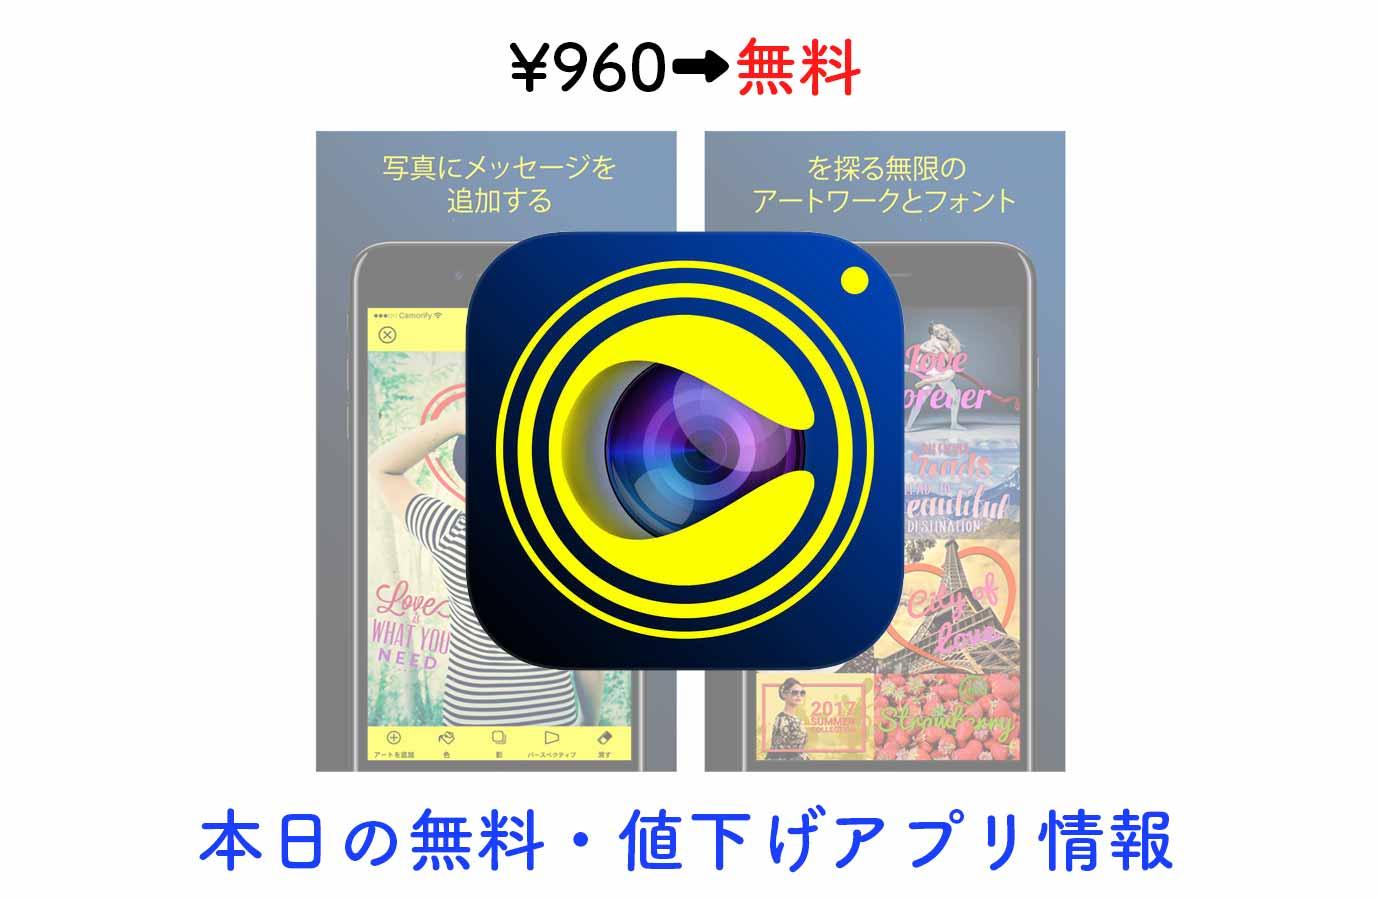 960円→無料、フォントやアートワークが豊富な写真編集アプリ「Camorify」など【7/25】本日の無料・値下げアプリ情報